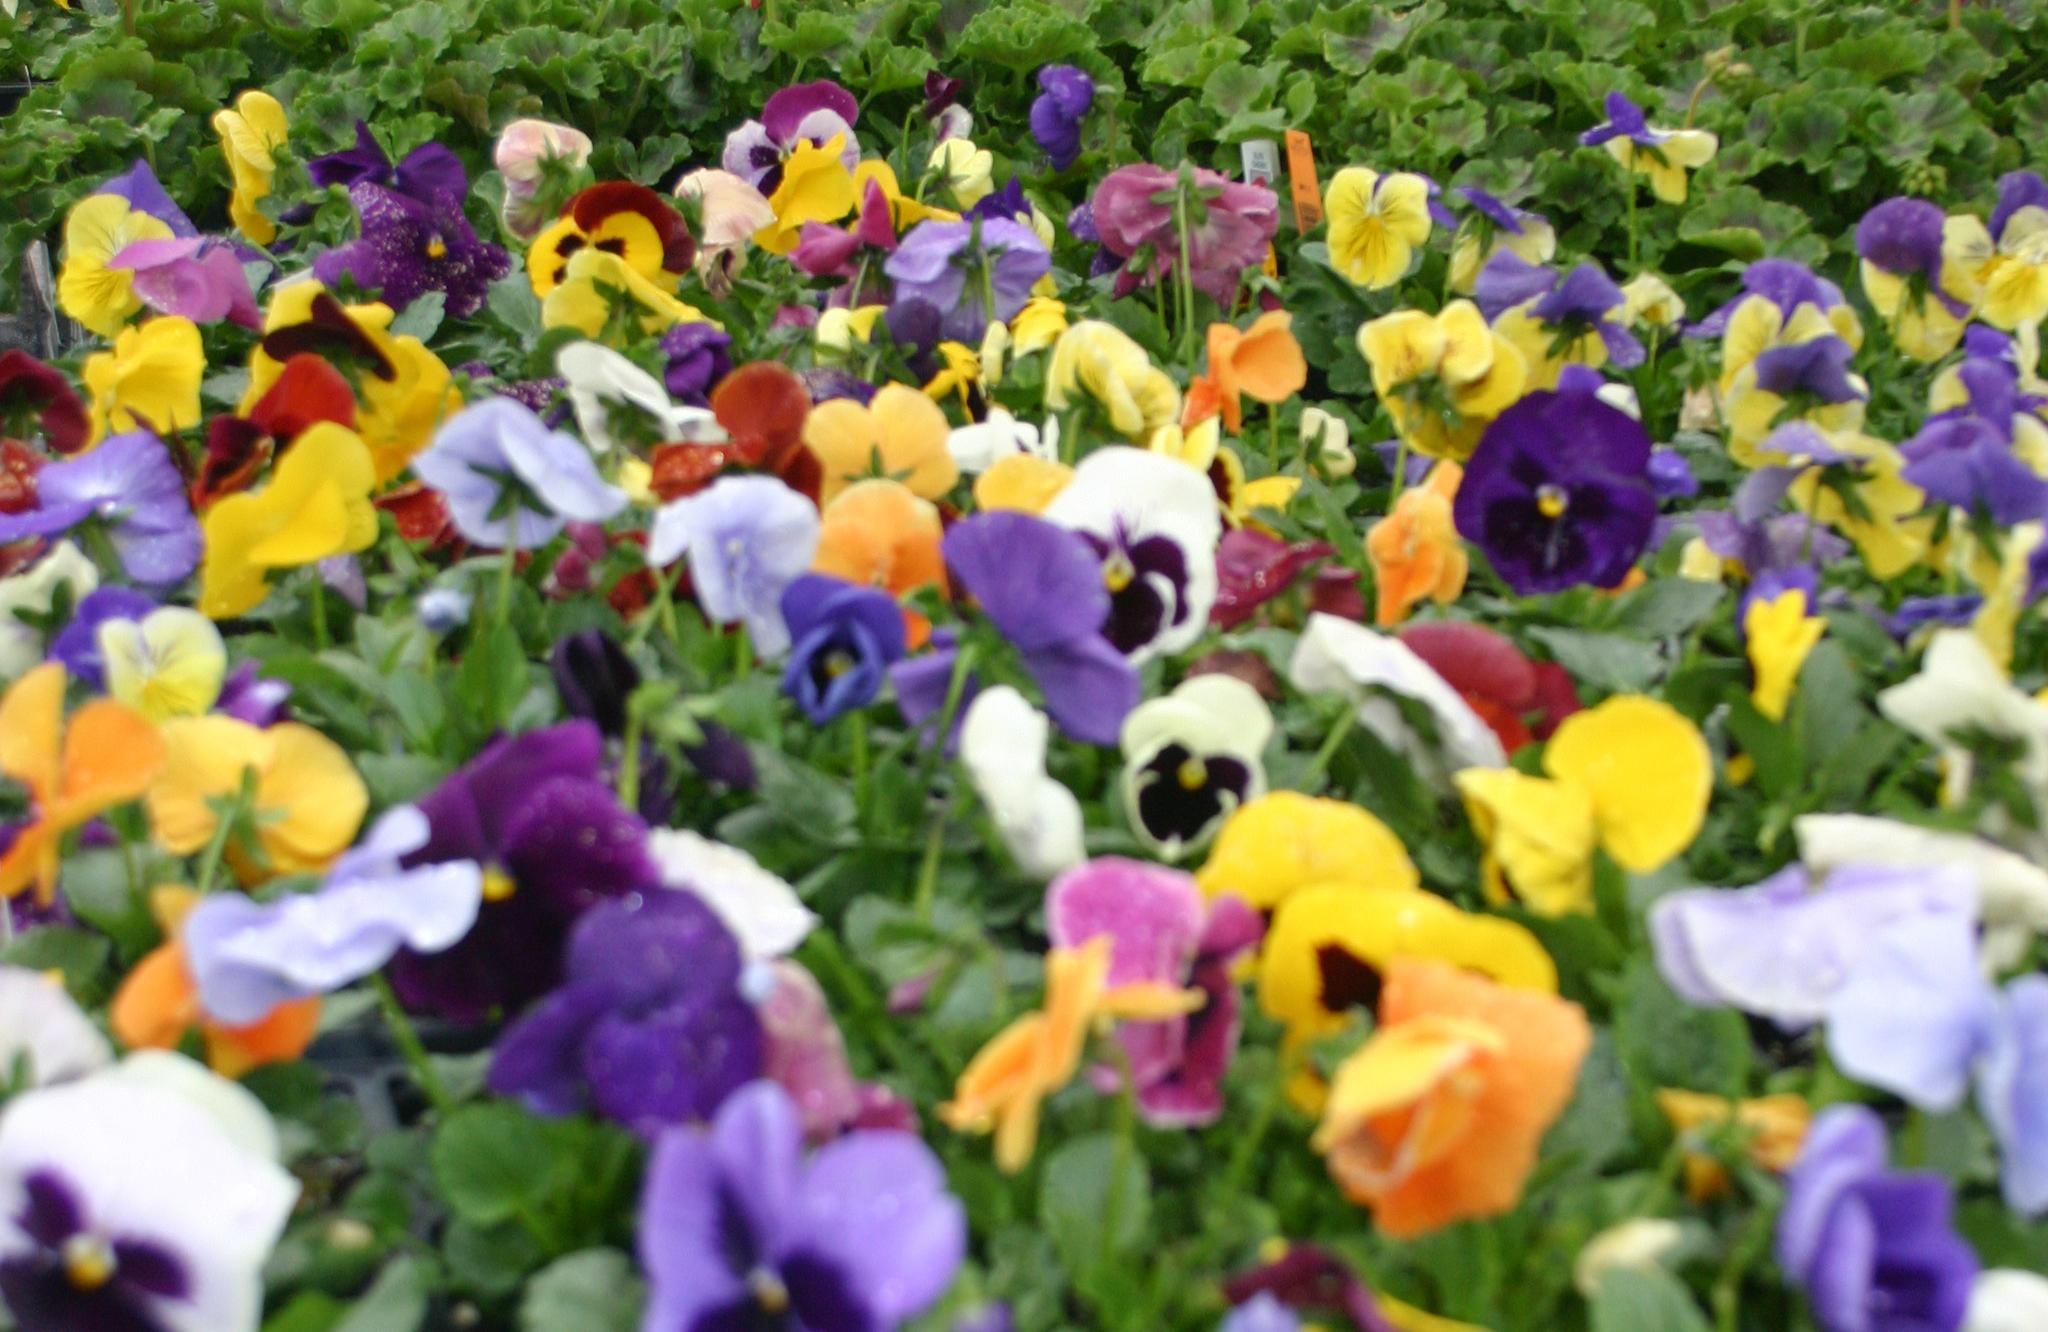 pansies_crop.jpg